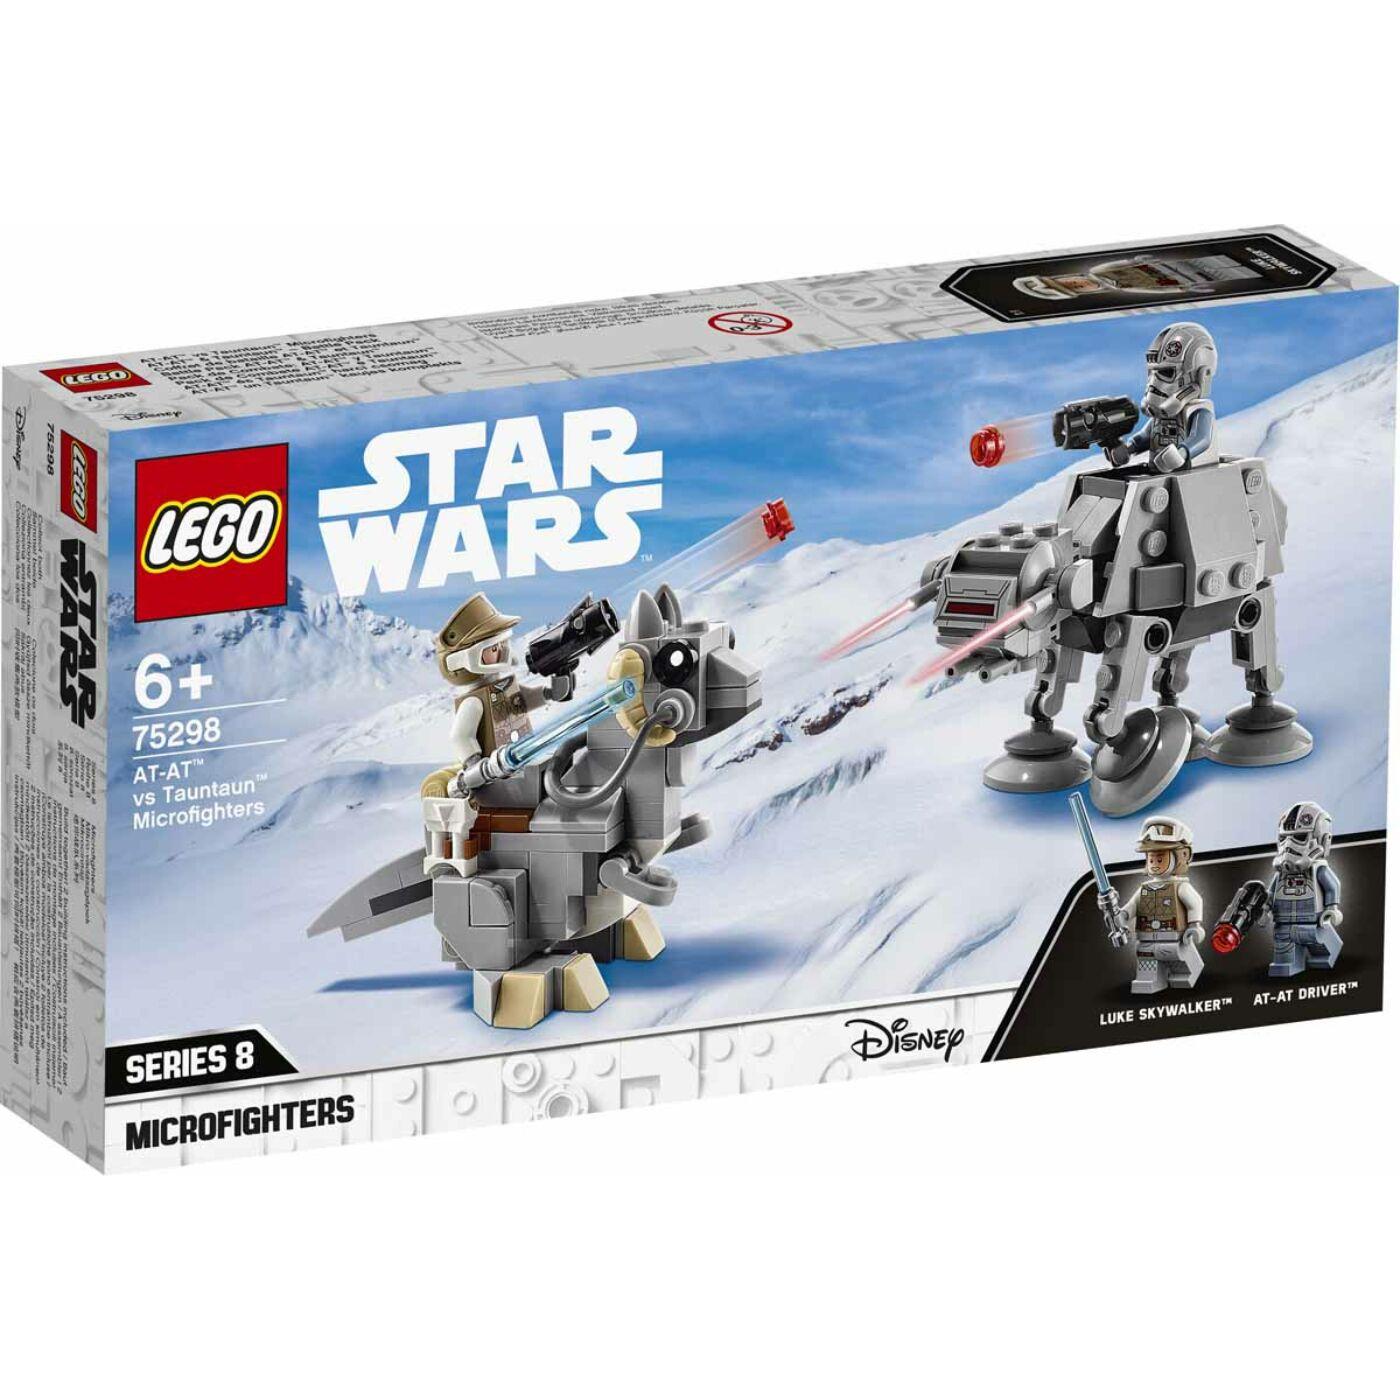 Lego Star Wars AT-AT vs Tauntaun Microfighters